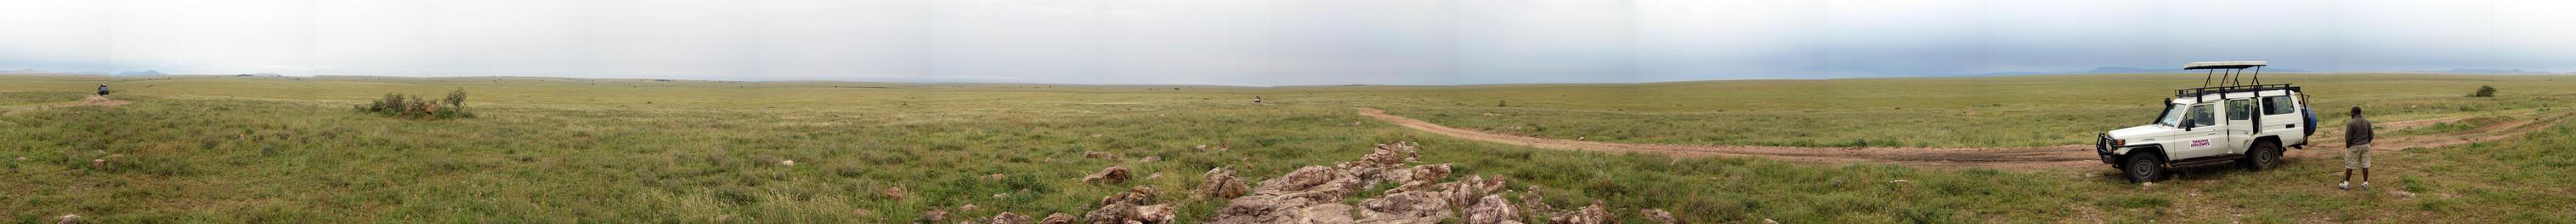 Serengeti panorama 360 by Majnouna